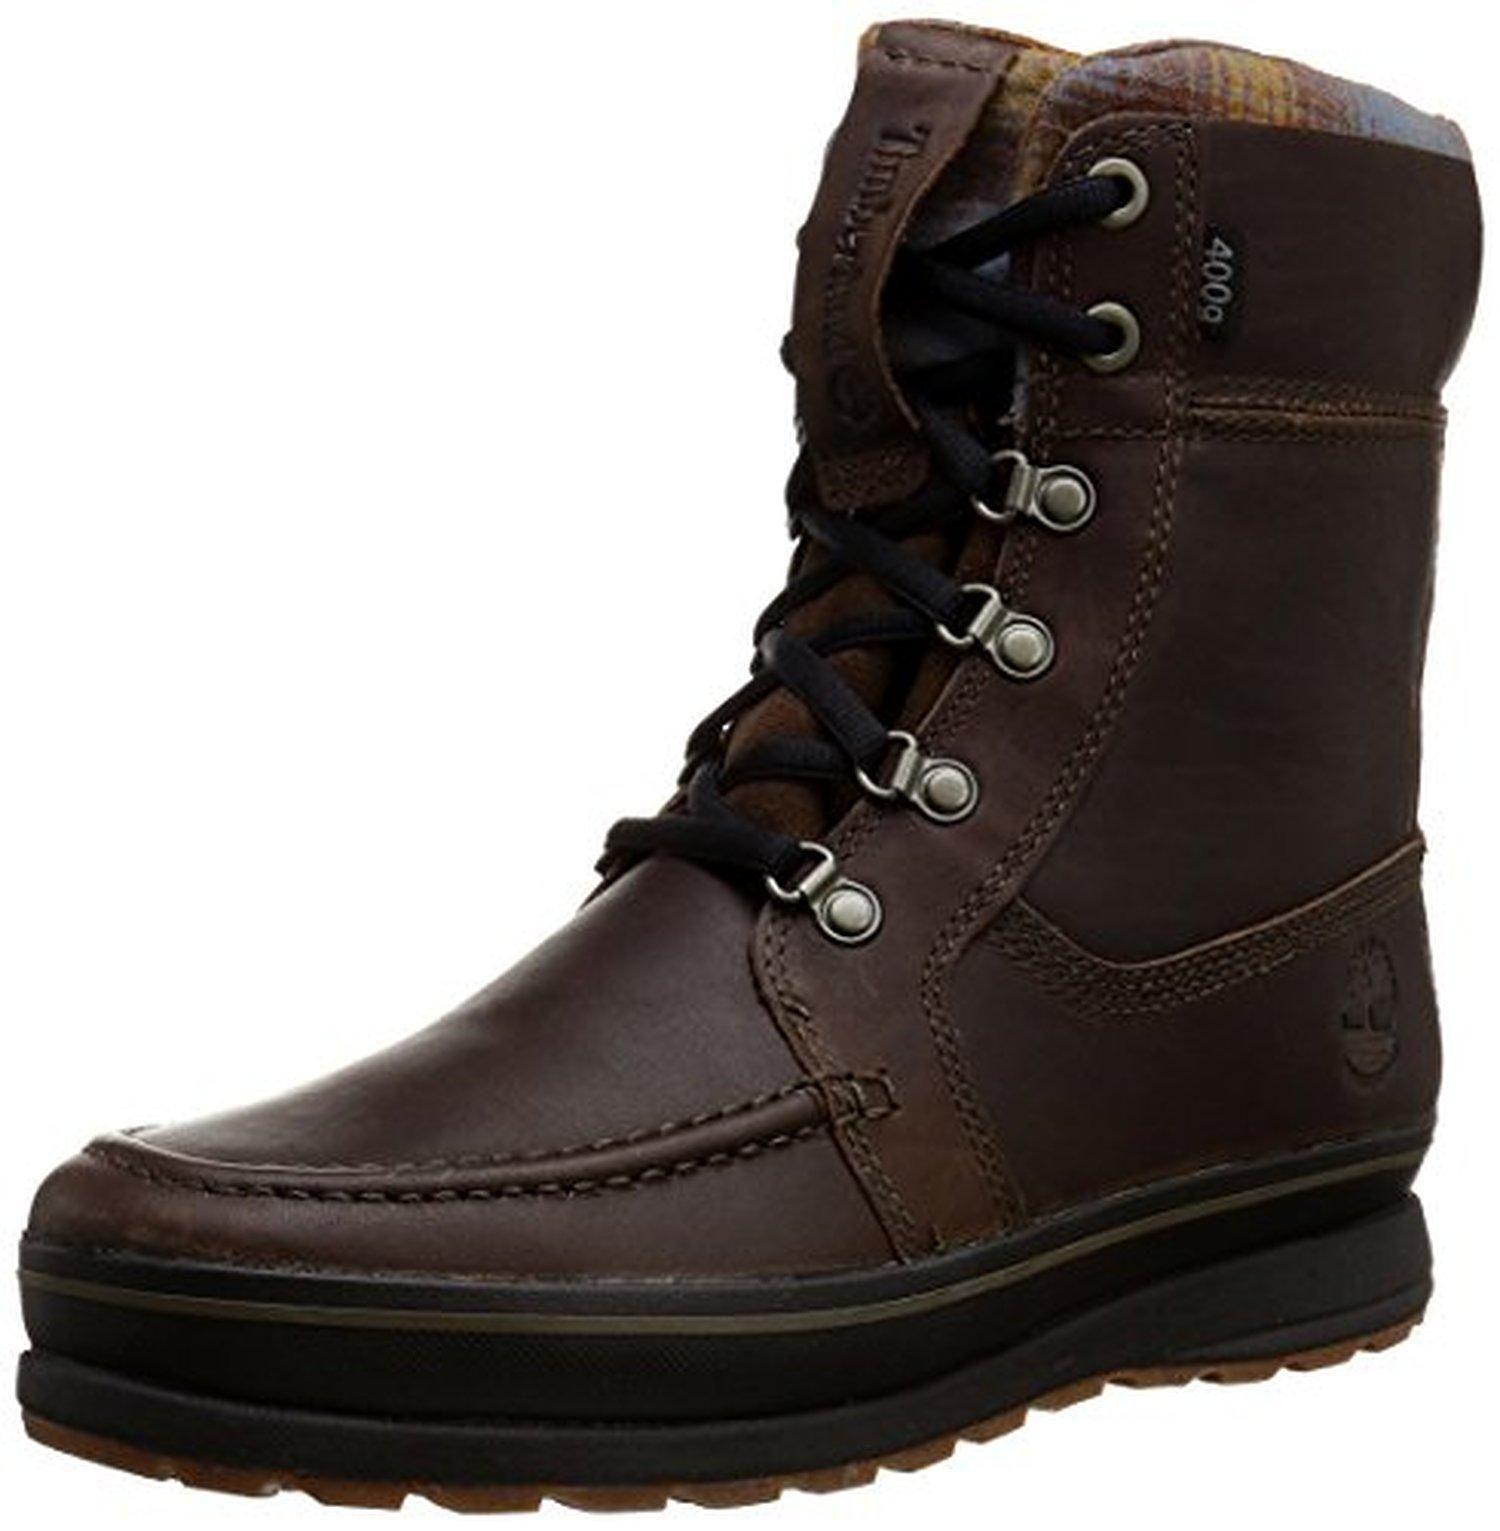 38485fea8fd Timberland Men's Schazzberg High WP Insulated Winter Boot, Dark ...